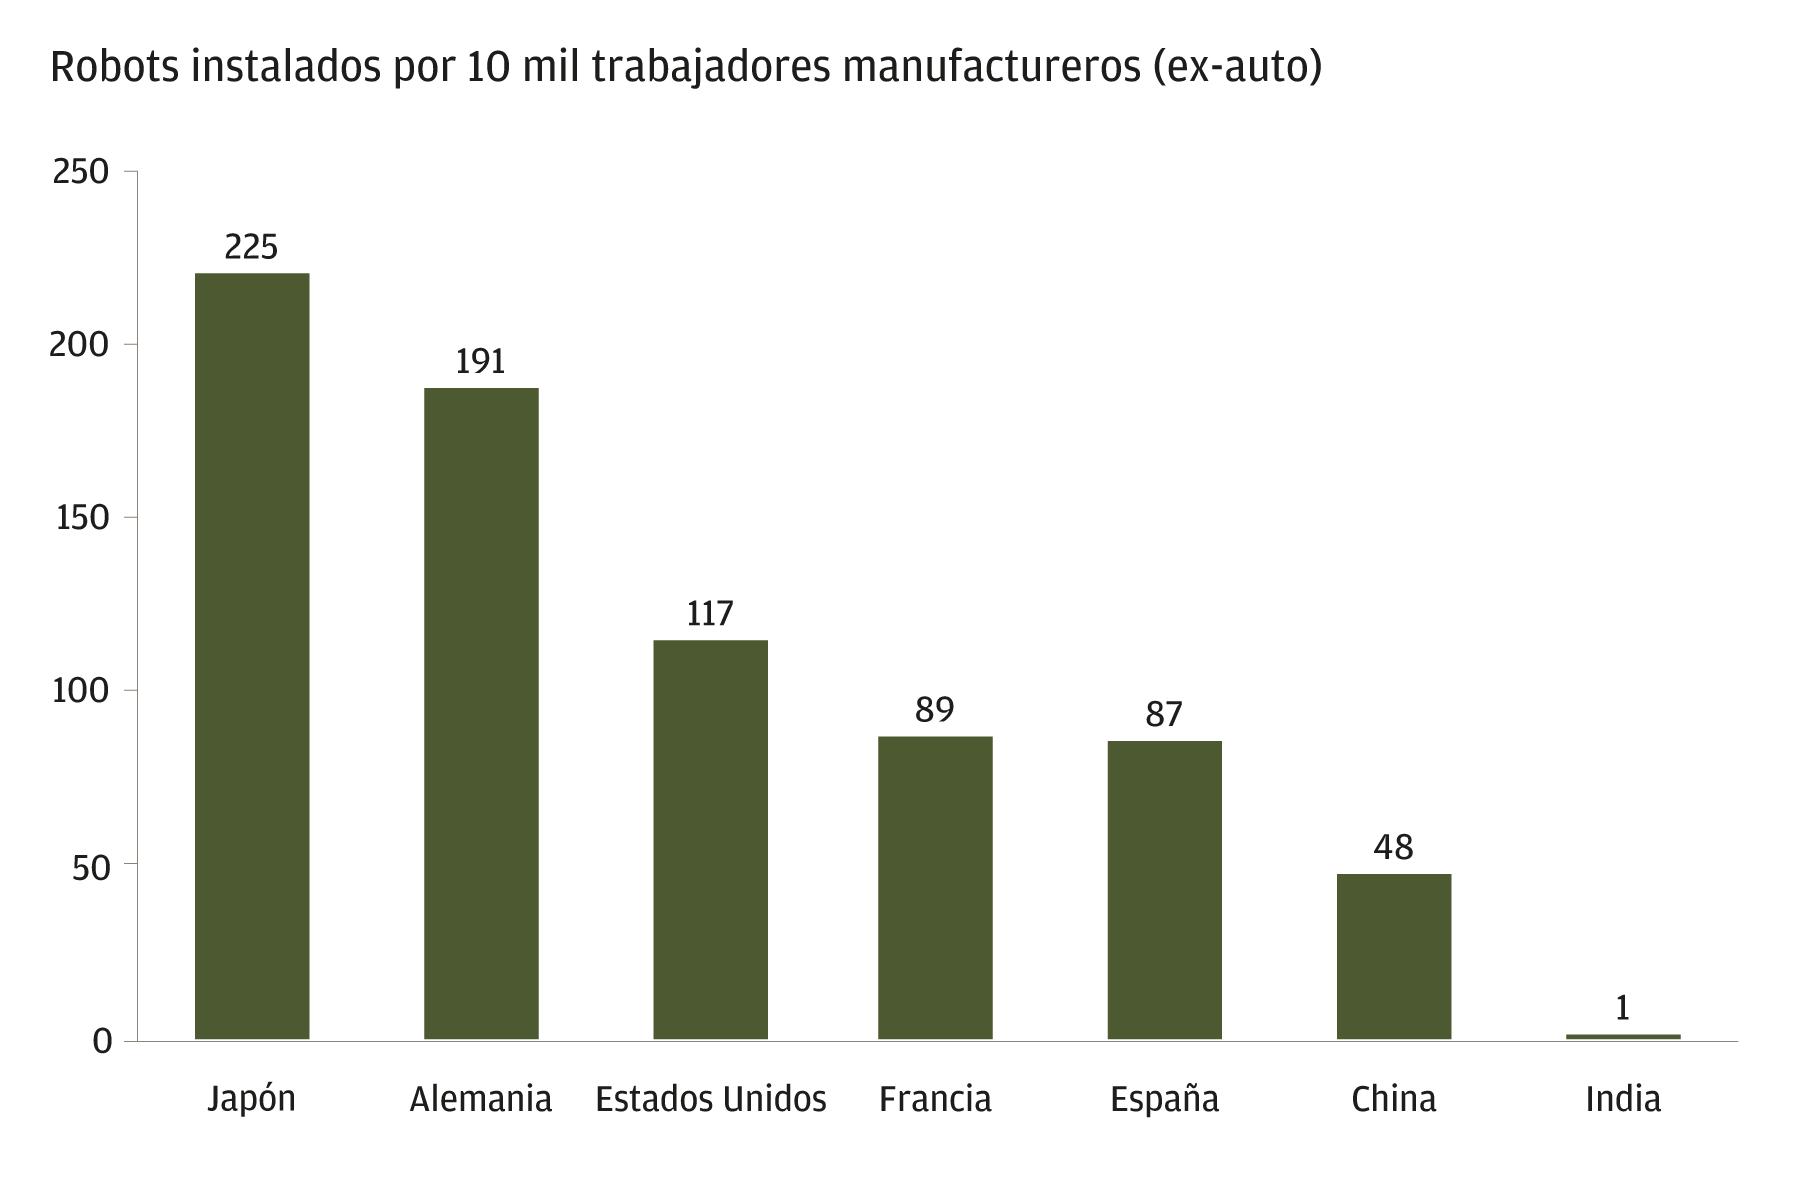 Este gráfico muestra el número de robots instalados por cada 10.000 trabajadores del sector manufacturero en Japón, Alemania, Estados Unidos, Francia, España, China e India. Japón es el país con mayor incursión, con 225 robots industriales por cada 10.000 trabajadores del sector manufacturero, y Alemania le sigue de cerca. Estados Unidos, Francia, España y China tienen una incursión moderada con una media de 50-100. La India viene rezagada con solo un robot por cada 10.000 trabajadores.